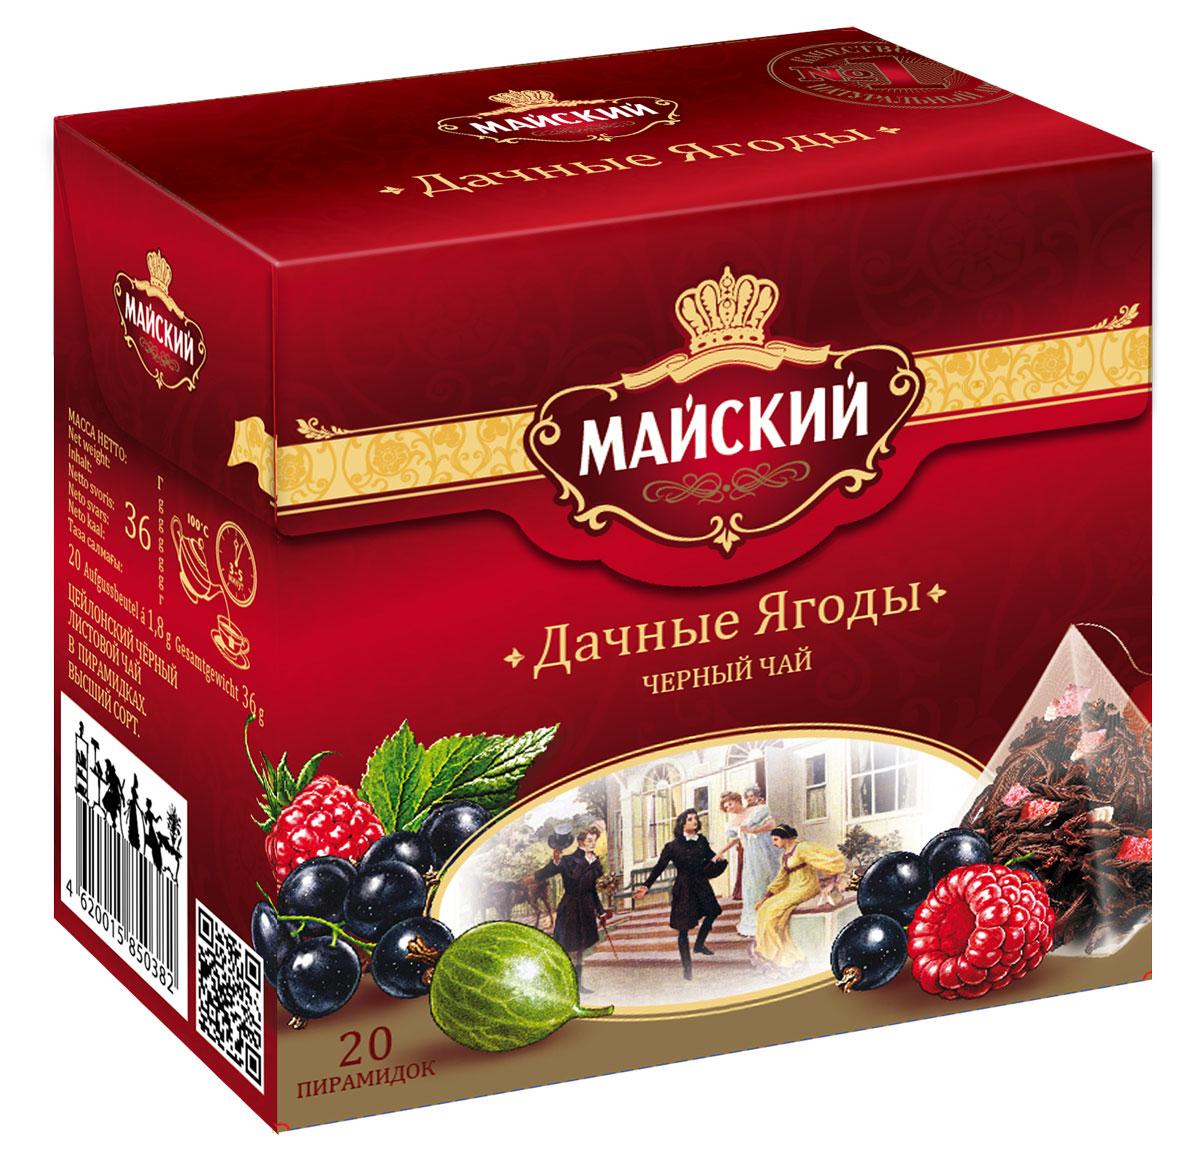 Майский Дачные ягоды черный чай в пирамидках, 20 шт110111Майский Дачные ягоды - черный листовой чай с ароматом дачных ягод в пирамидках. Высший сорт.